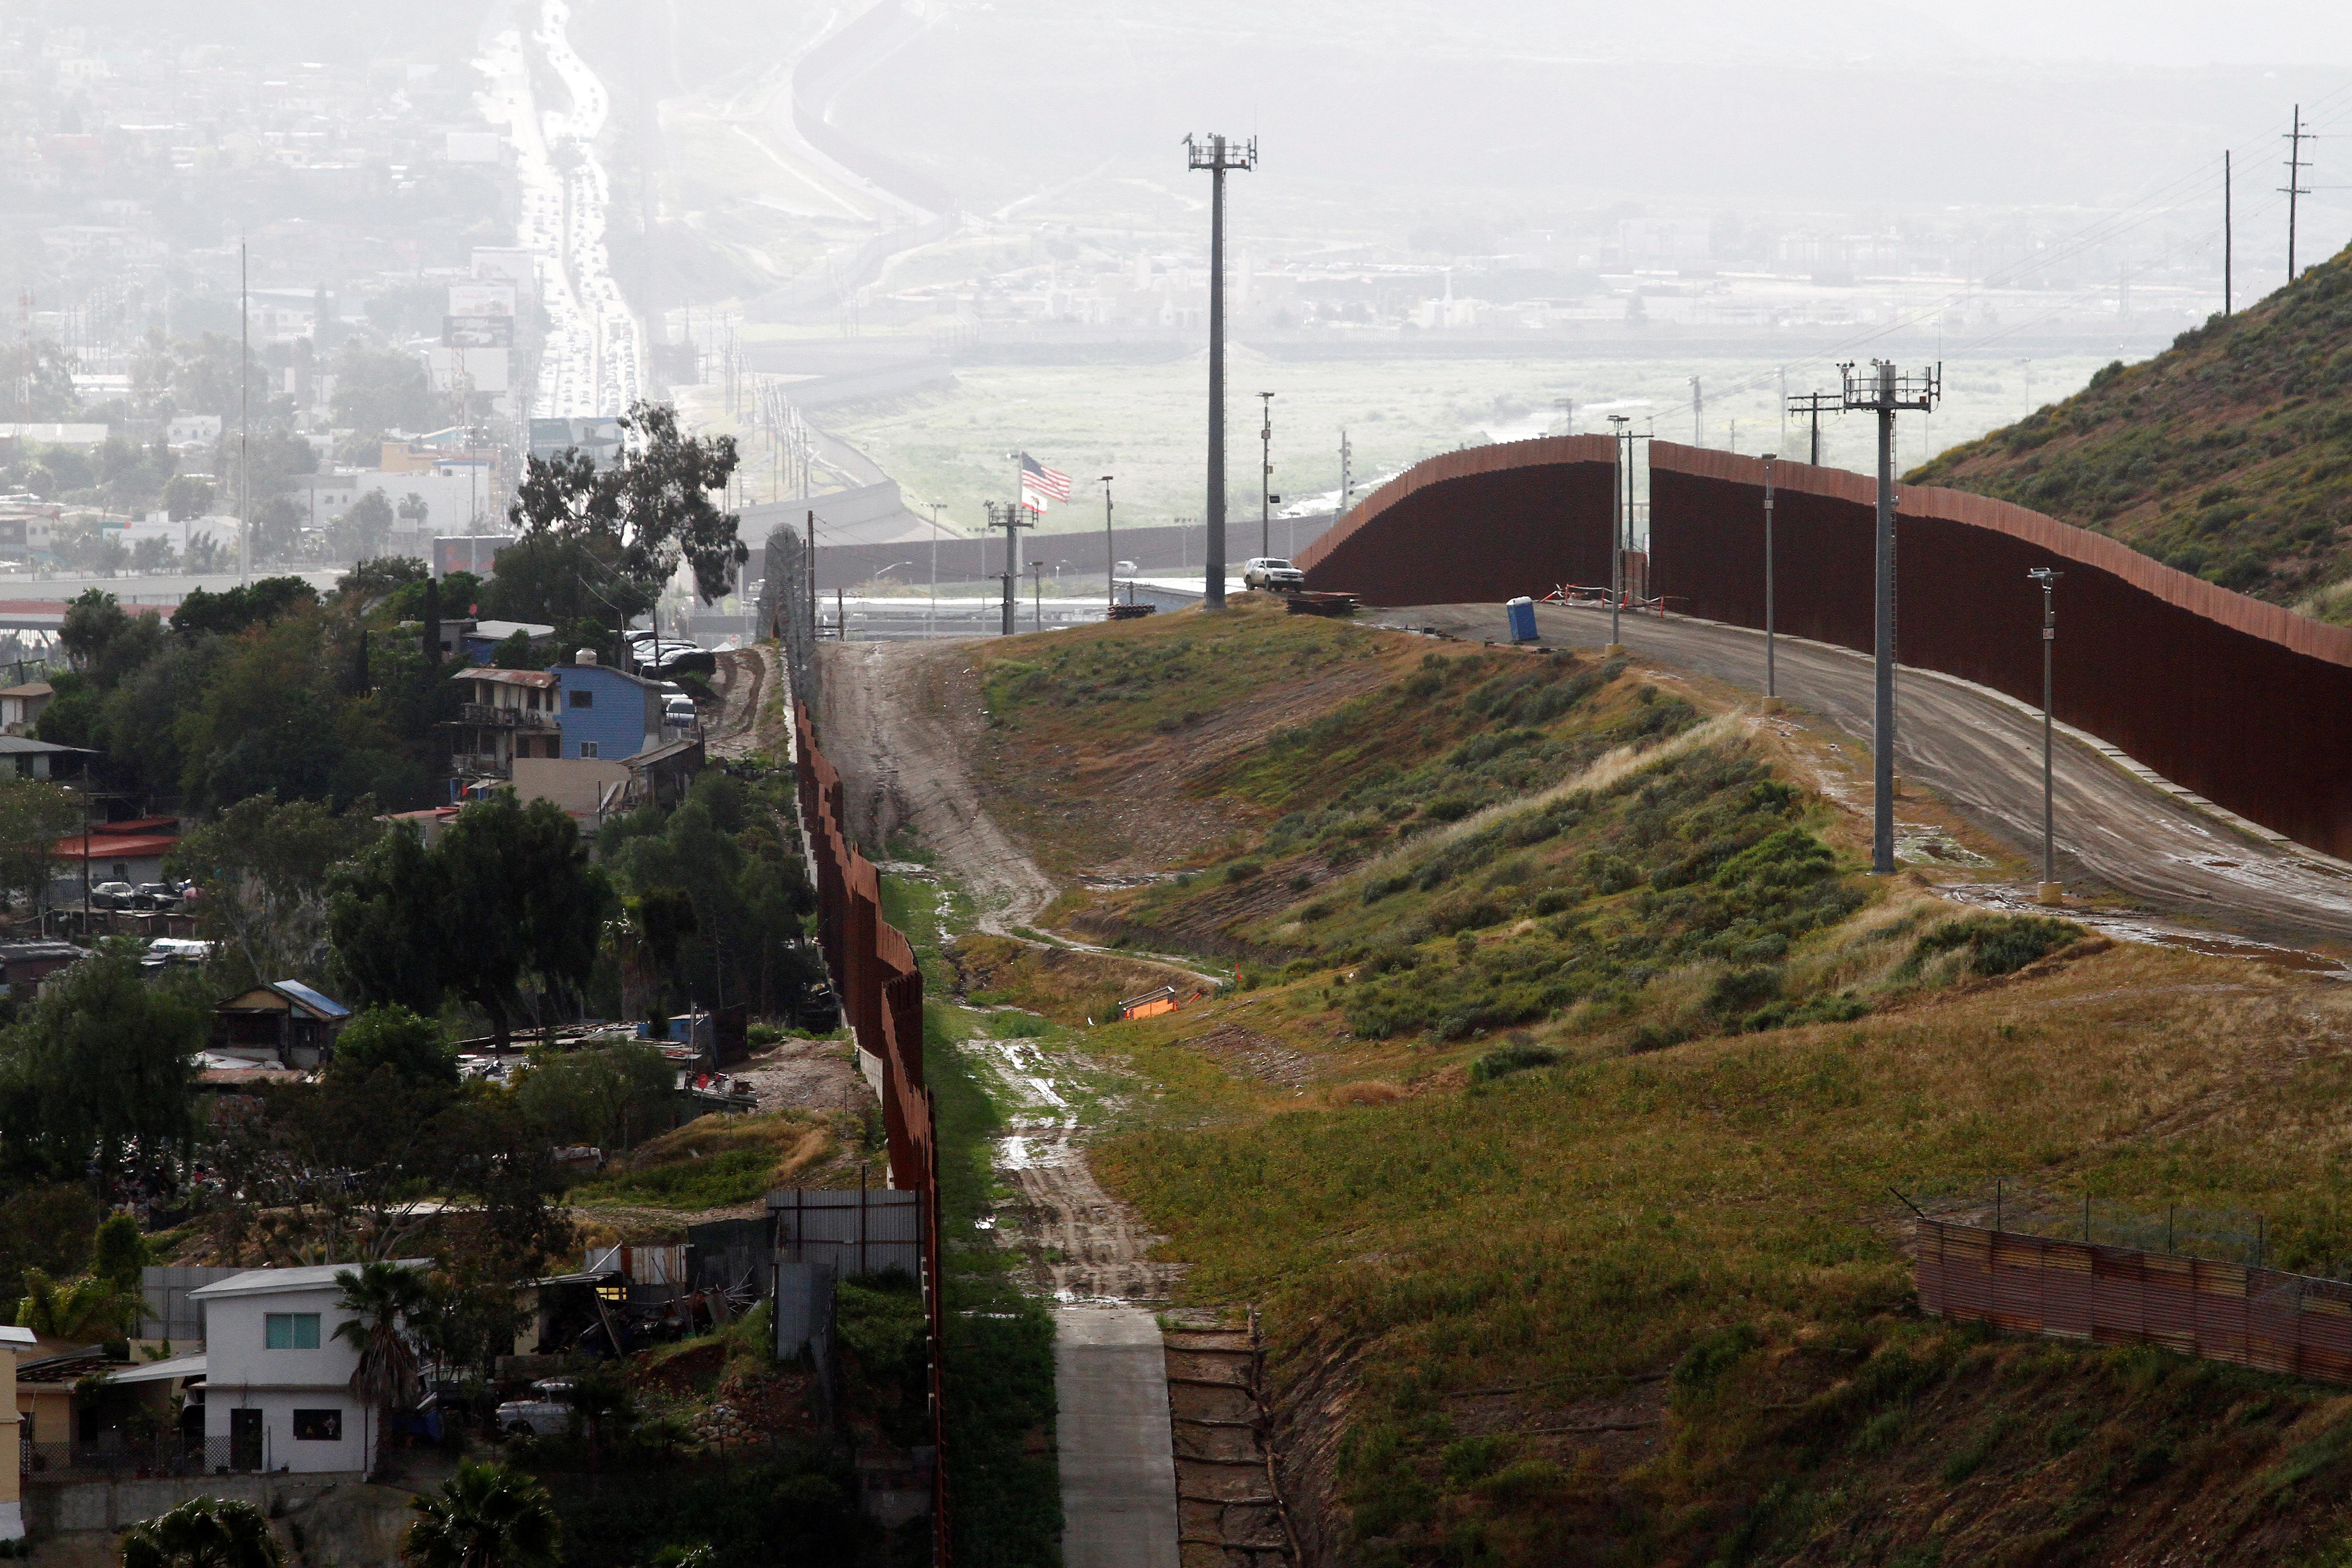 الحدود بين الولايات المتحدة والمكسيك - 12 مارس 2020